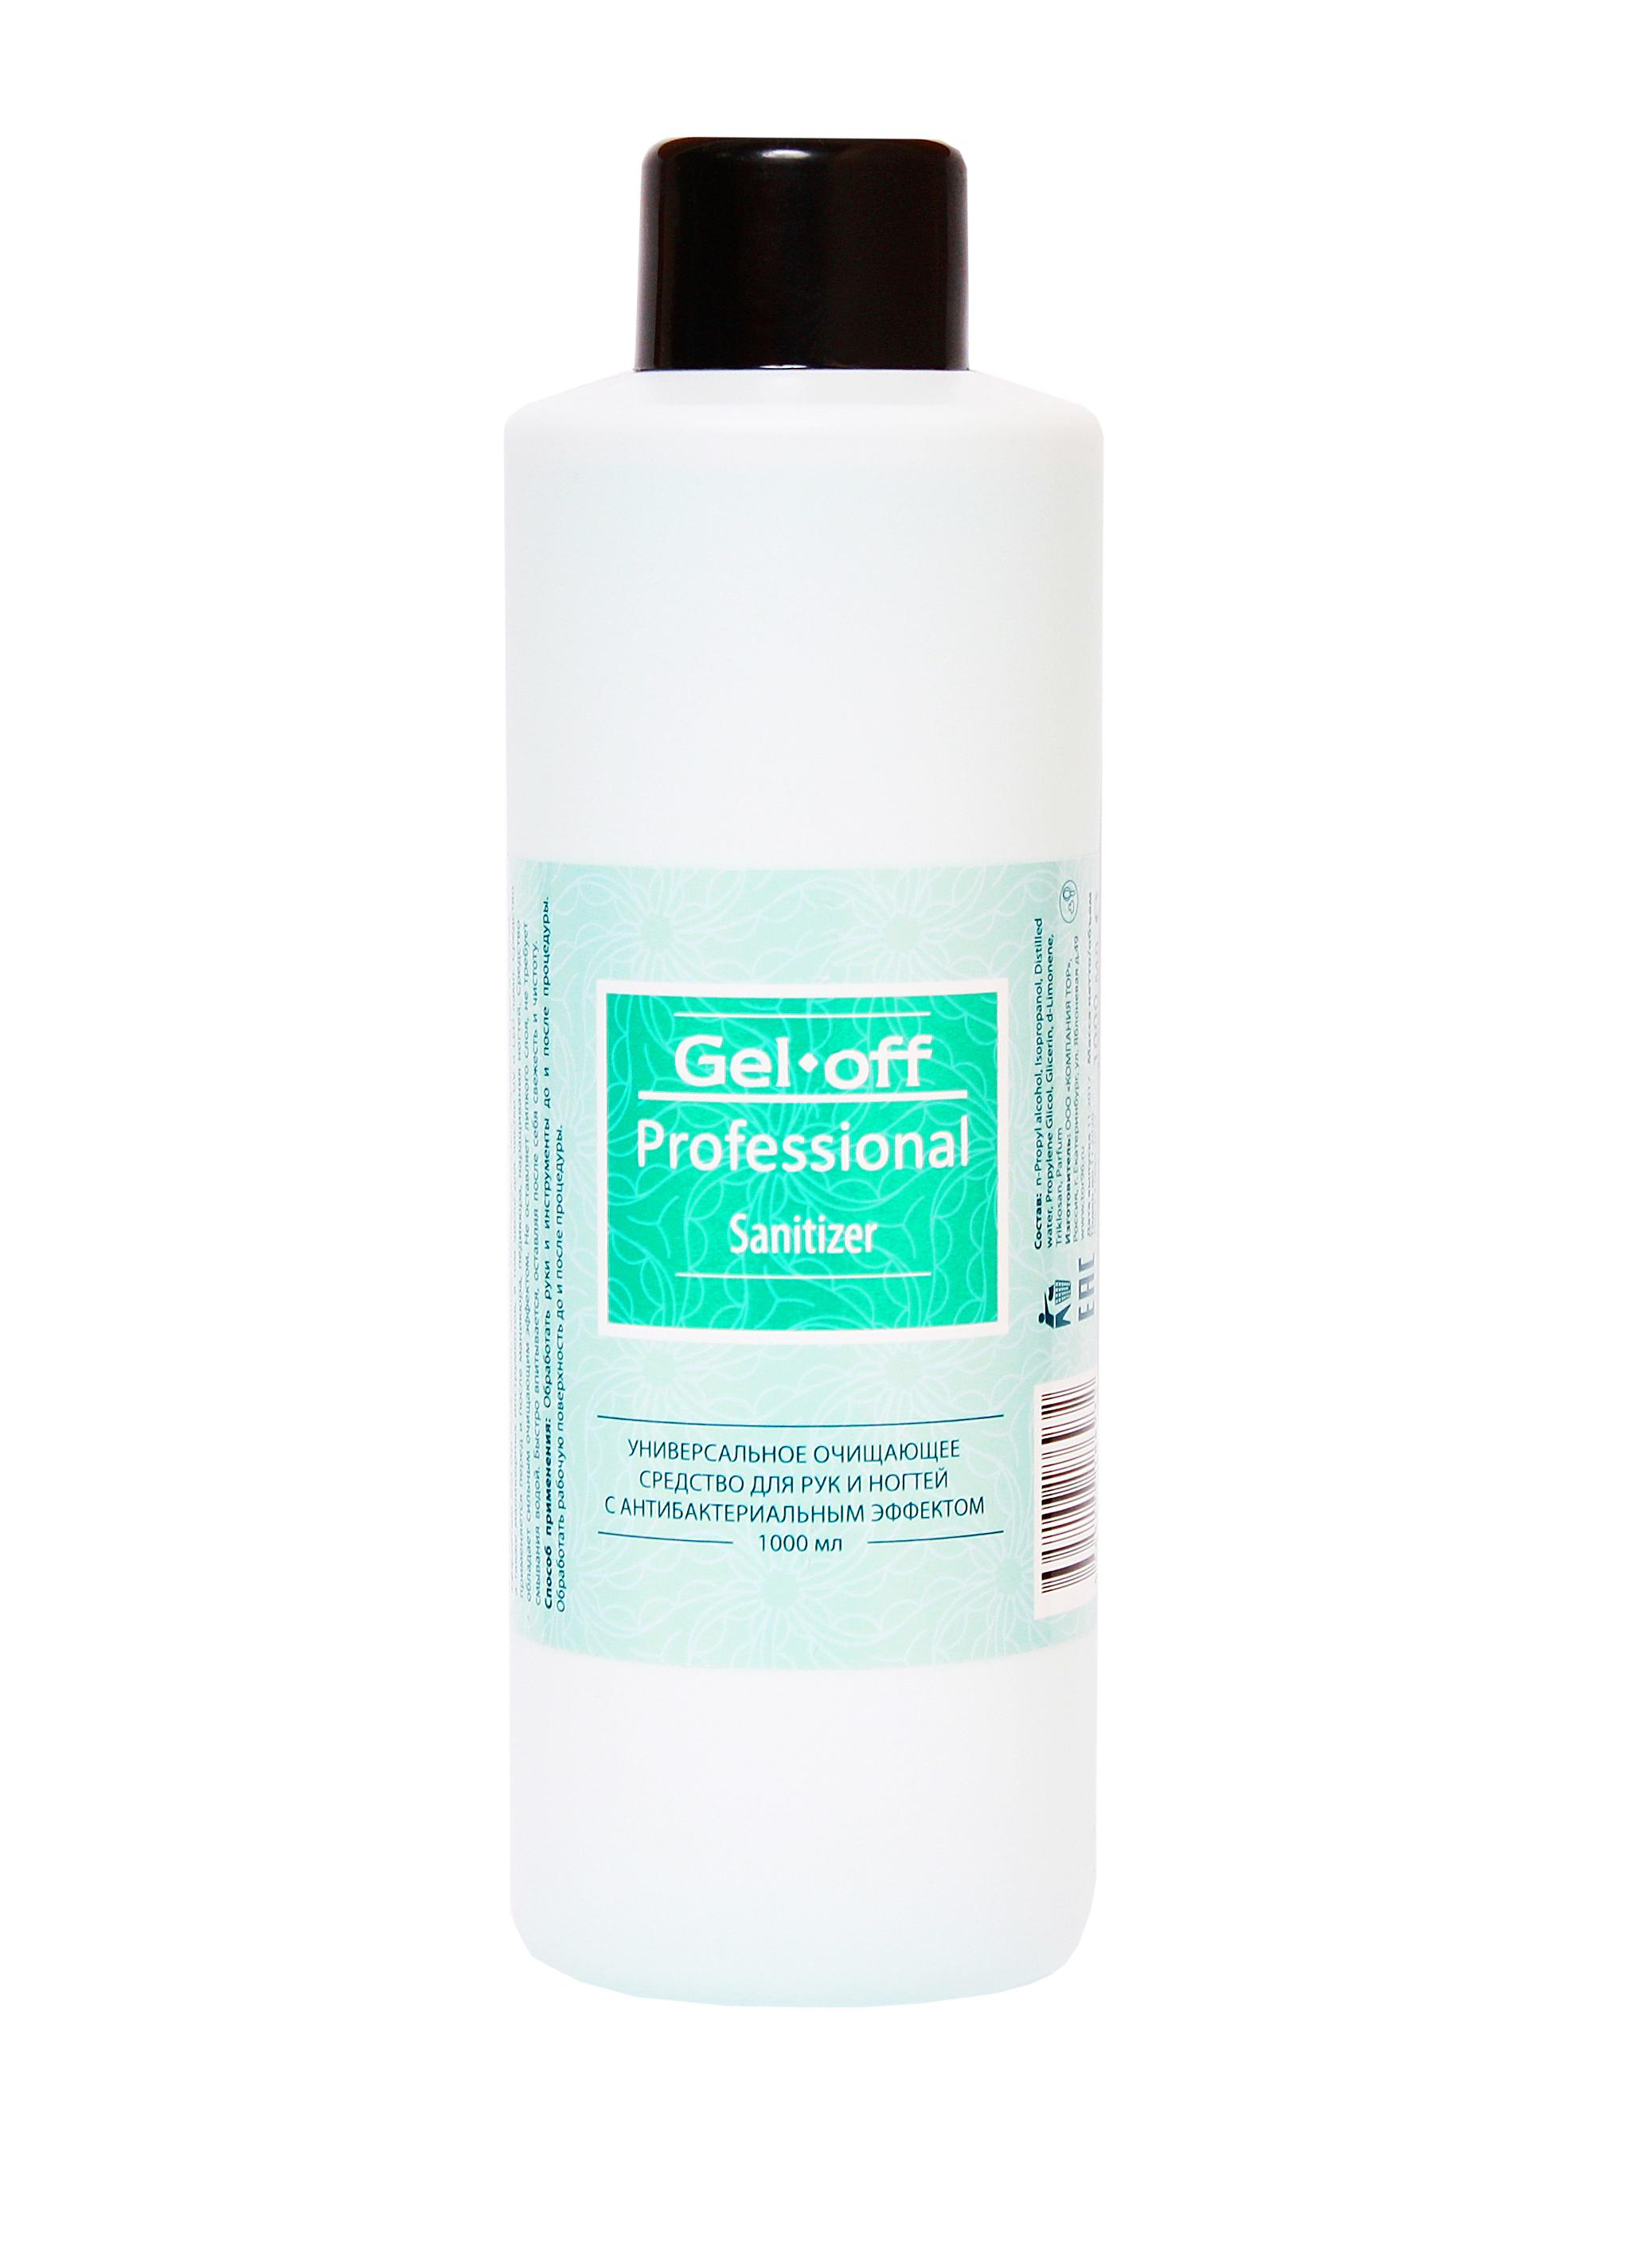 GEL-OFF Средство универсальное очищающее для рук и ногтей с антибактериальным эффектом / Gel Off Professional Sanitizer 1000 мл - Дезинфицирующие средства